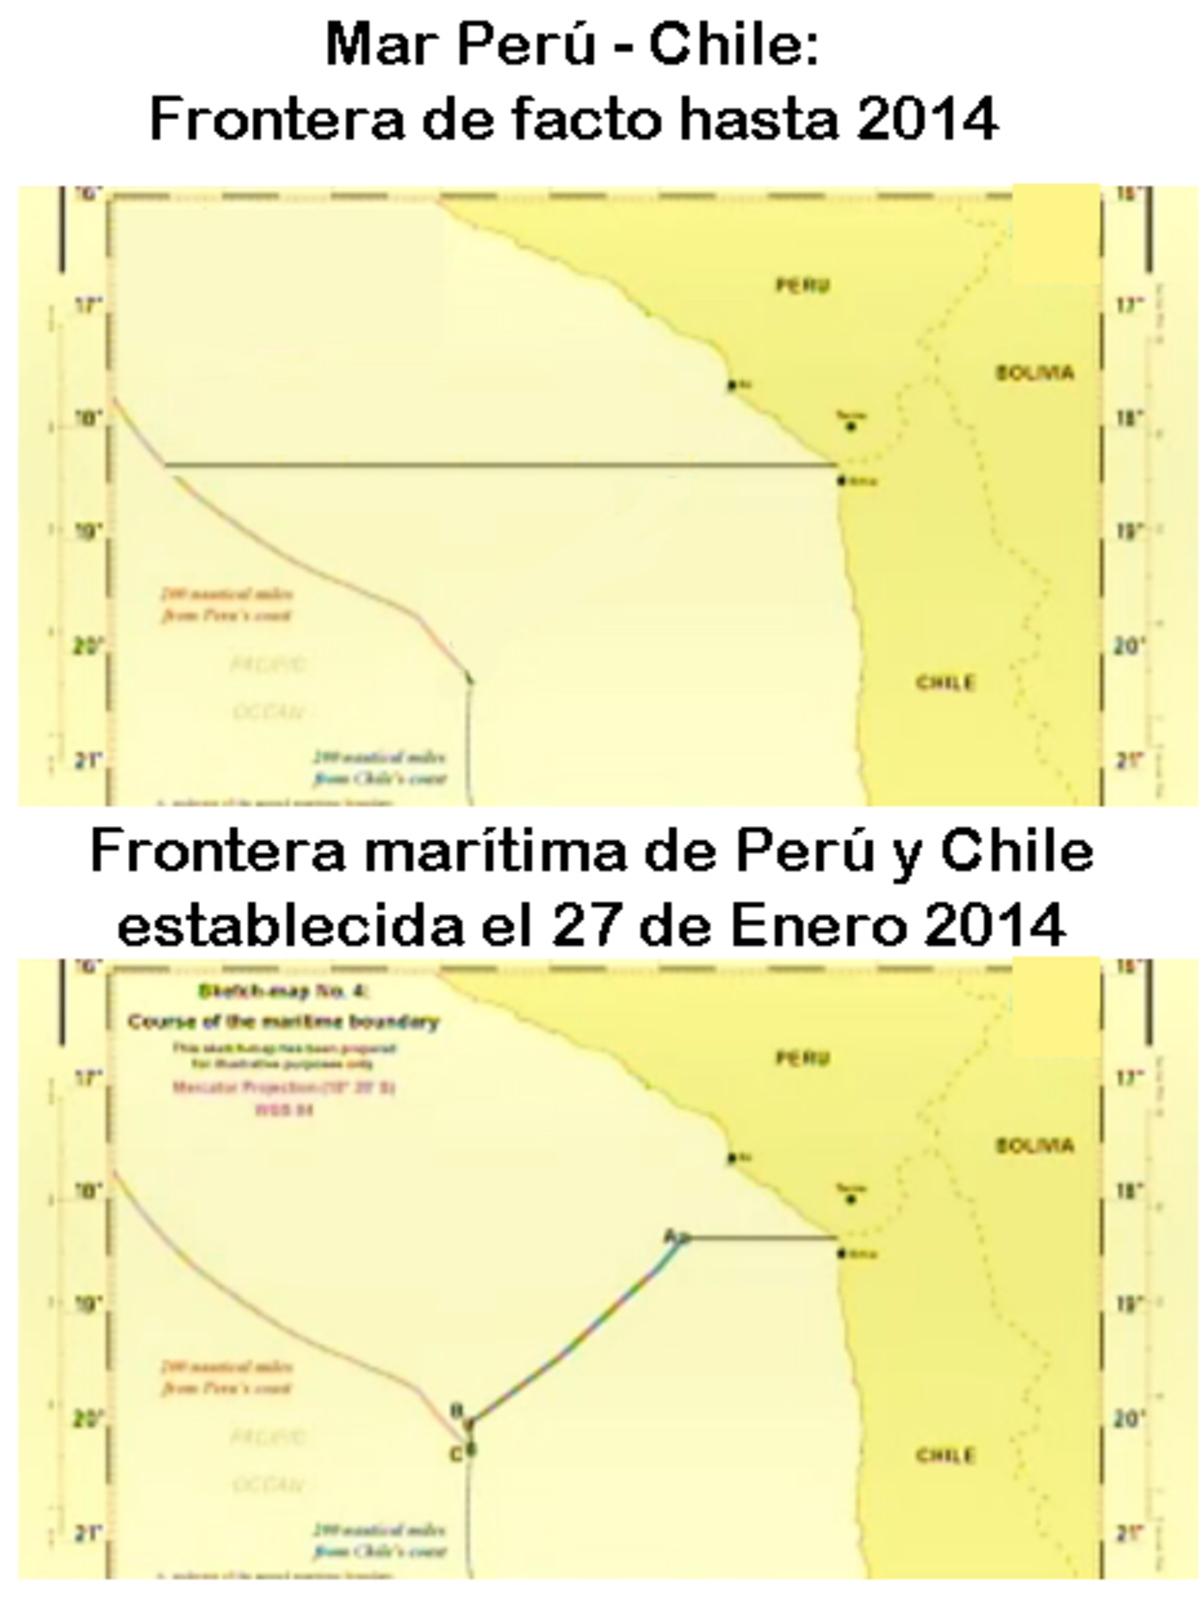 Bolivia define acceso maritimo a Chile como politica de Estado! - La Haya da el fallo a favor de Chile por sus acuerdos historicos firmados entonces! - Página 2 2014fronteraperuchile